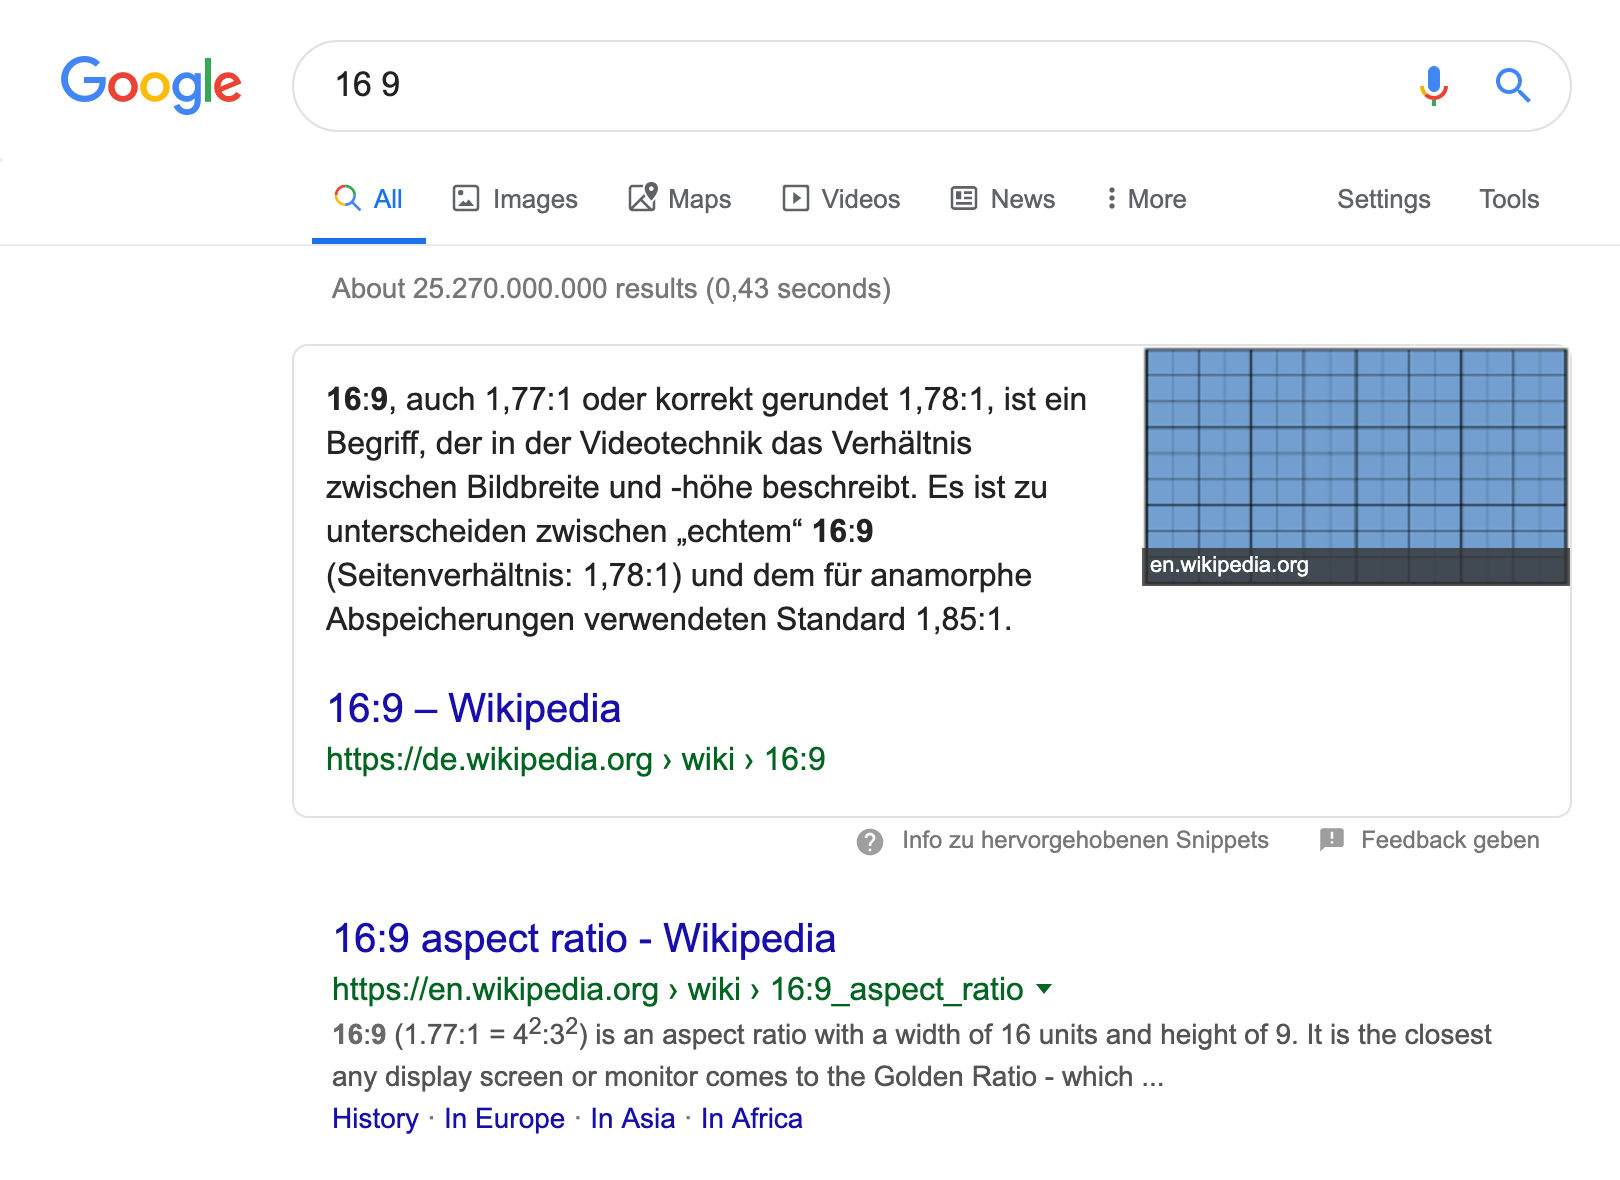 """Suchergebnisseite für die Suchanfrage """"16 zu 9"""". Als erstes wird ein Featured Snippet Kasten angezeigt in dem, neben dem Text, auch ein Bild angzeigt wird."""